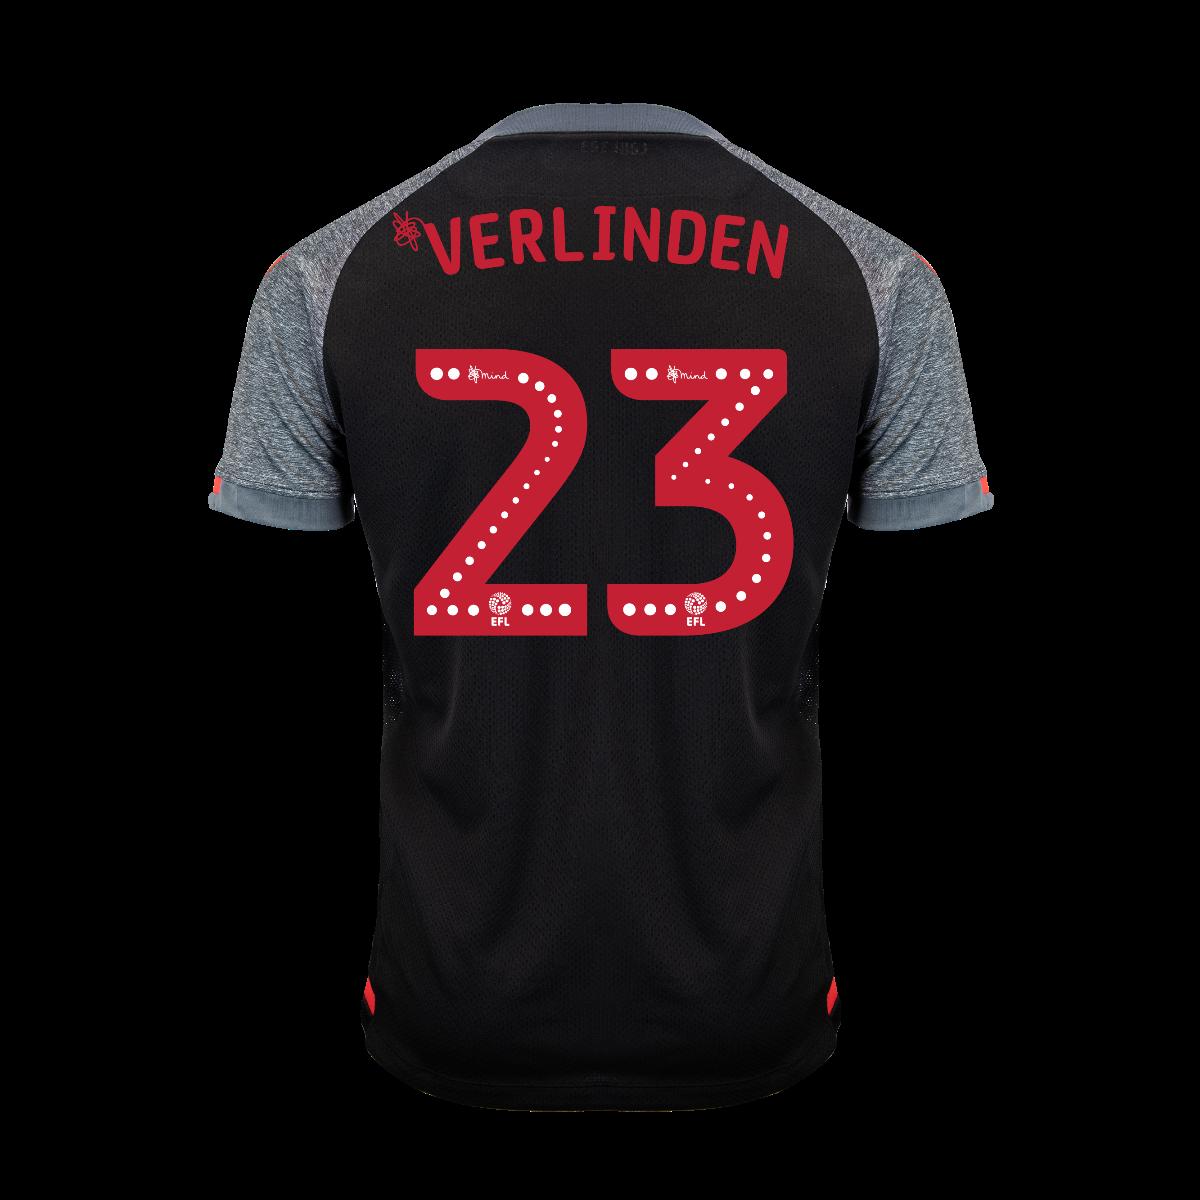 2019/20 Ladies Away Shirt - Verlinden